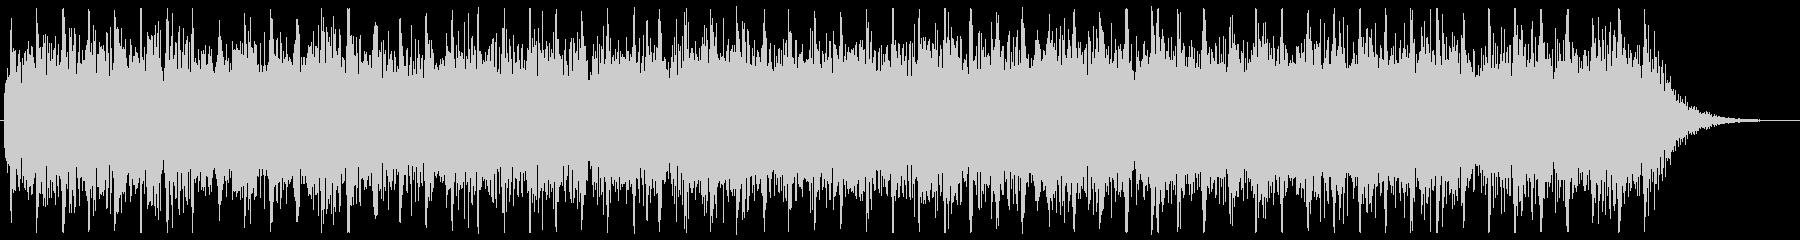 メタルの10秒程のジングル 場面転換の未再生の波形